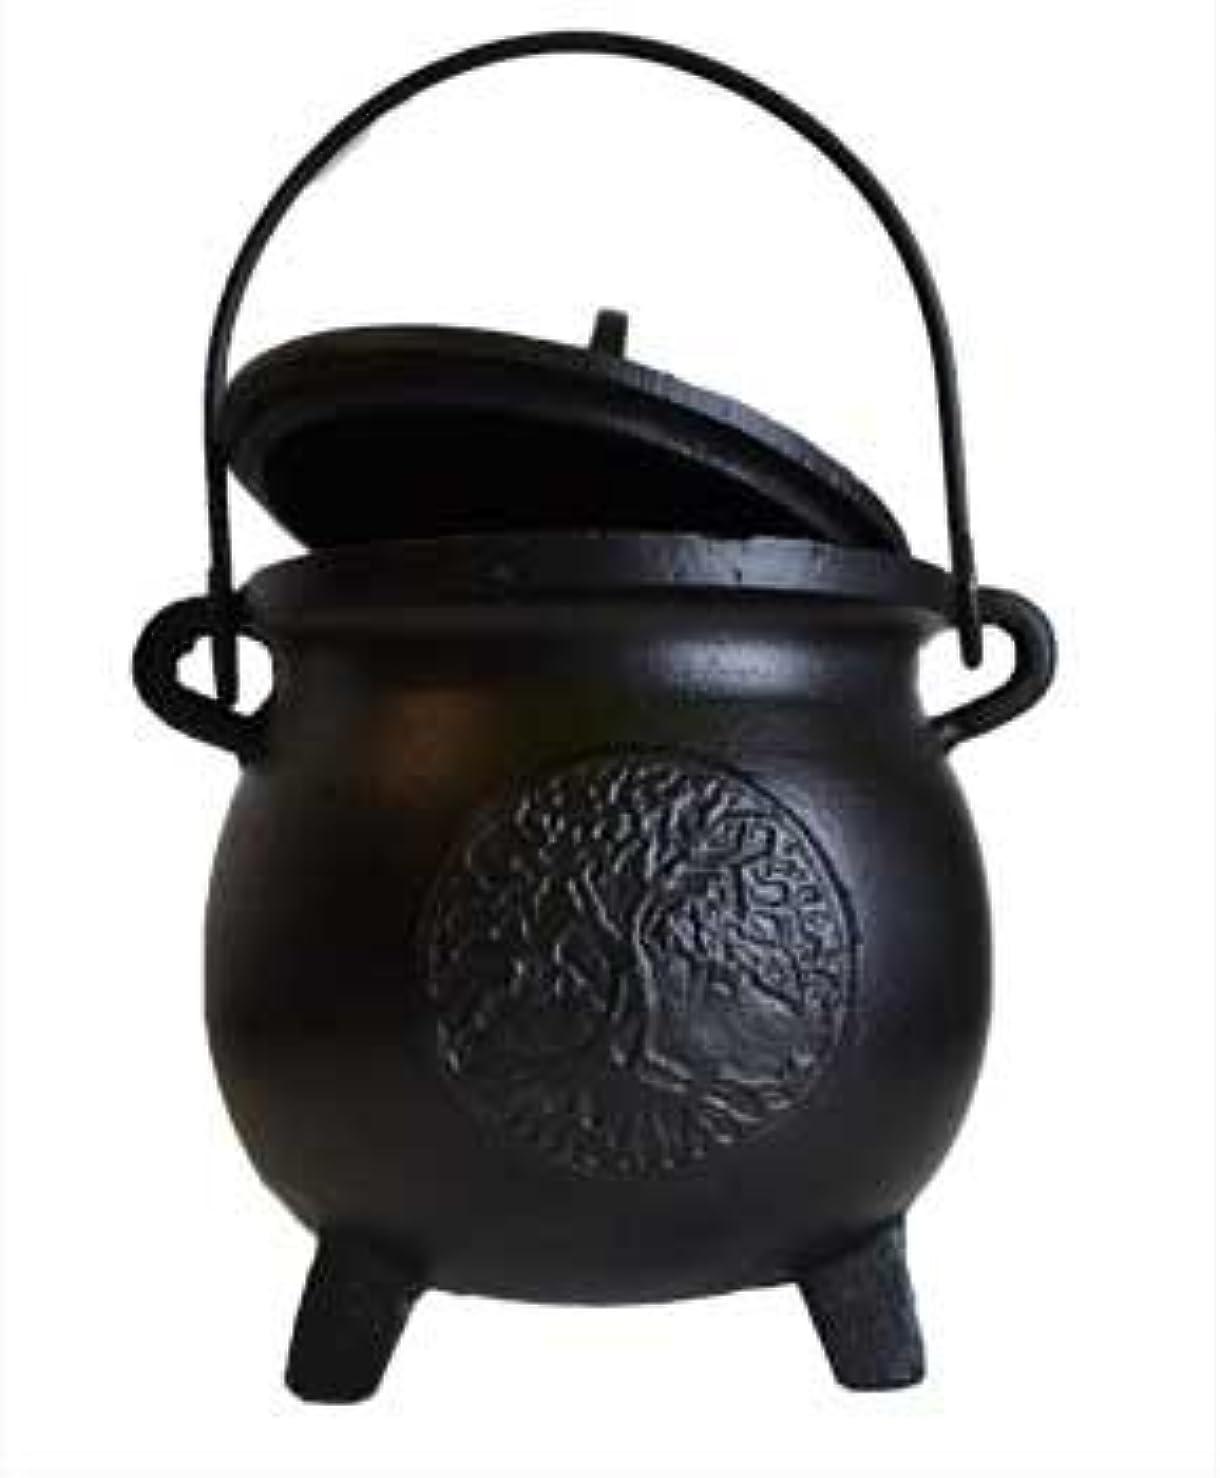 難しいハグブローホールHome Fragrance Potpourris Cauldrons Tree of Life鋳鉄3つ脚でハンドルと蓋Large 8